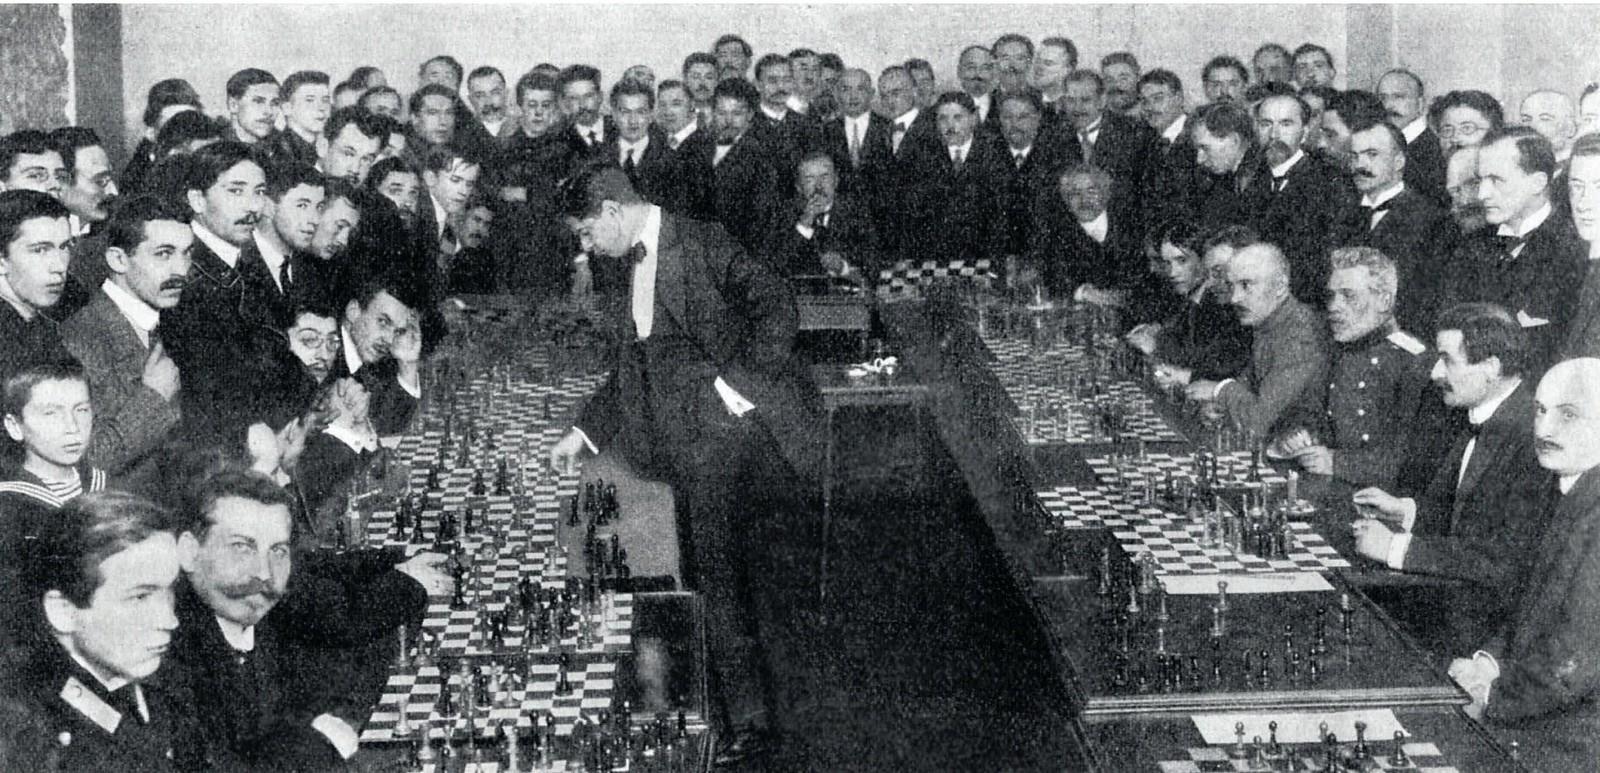 1913. Хосе Рауль Капабланка-и-Грауперра дает сеанс одновременной игры в С-Петербургском Шахматном собрании